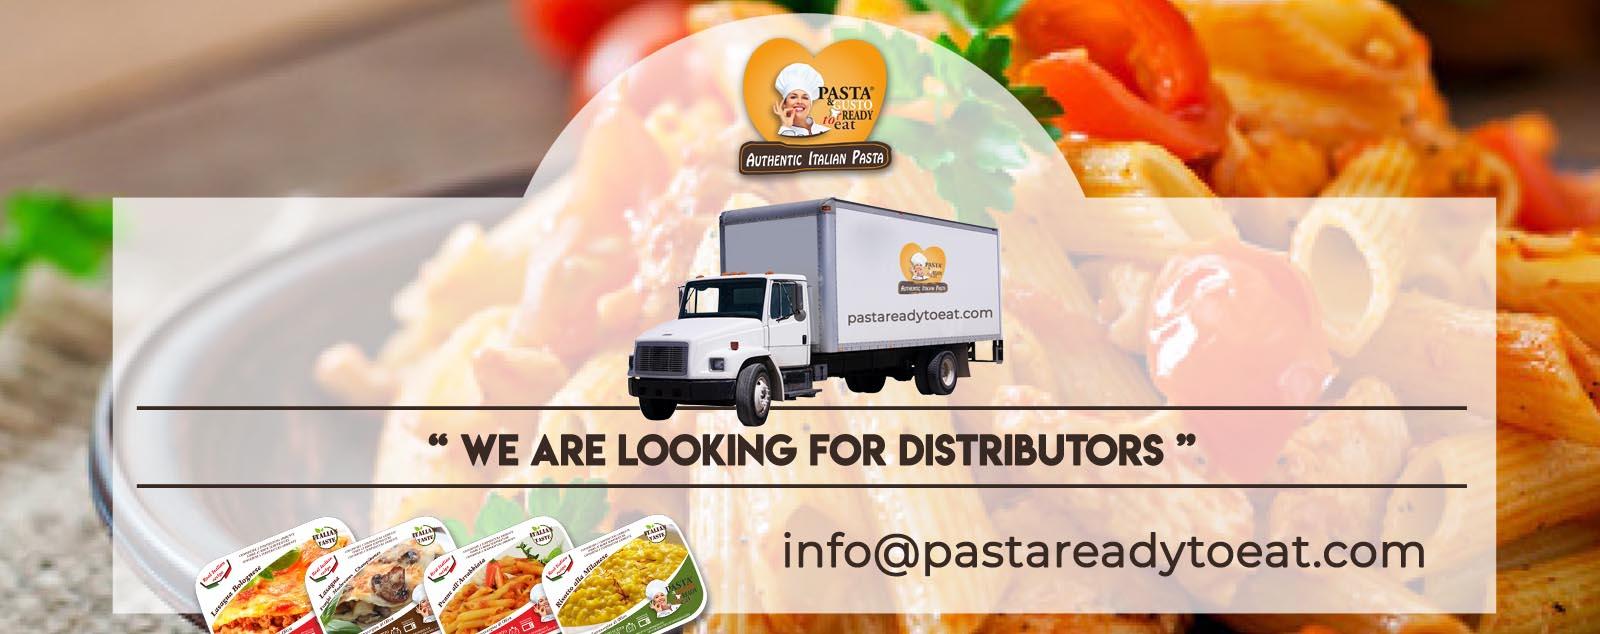 Estamos buscando distribuidores de alimentos listos para comer, listos para comer, a temperatura ambiente, venta de productos innovadores: calidad garantizada, soporte para ventas y mercadeo. Incrementa tu negocio, convirtiéndote en una parte integral de nuestra estructura.